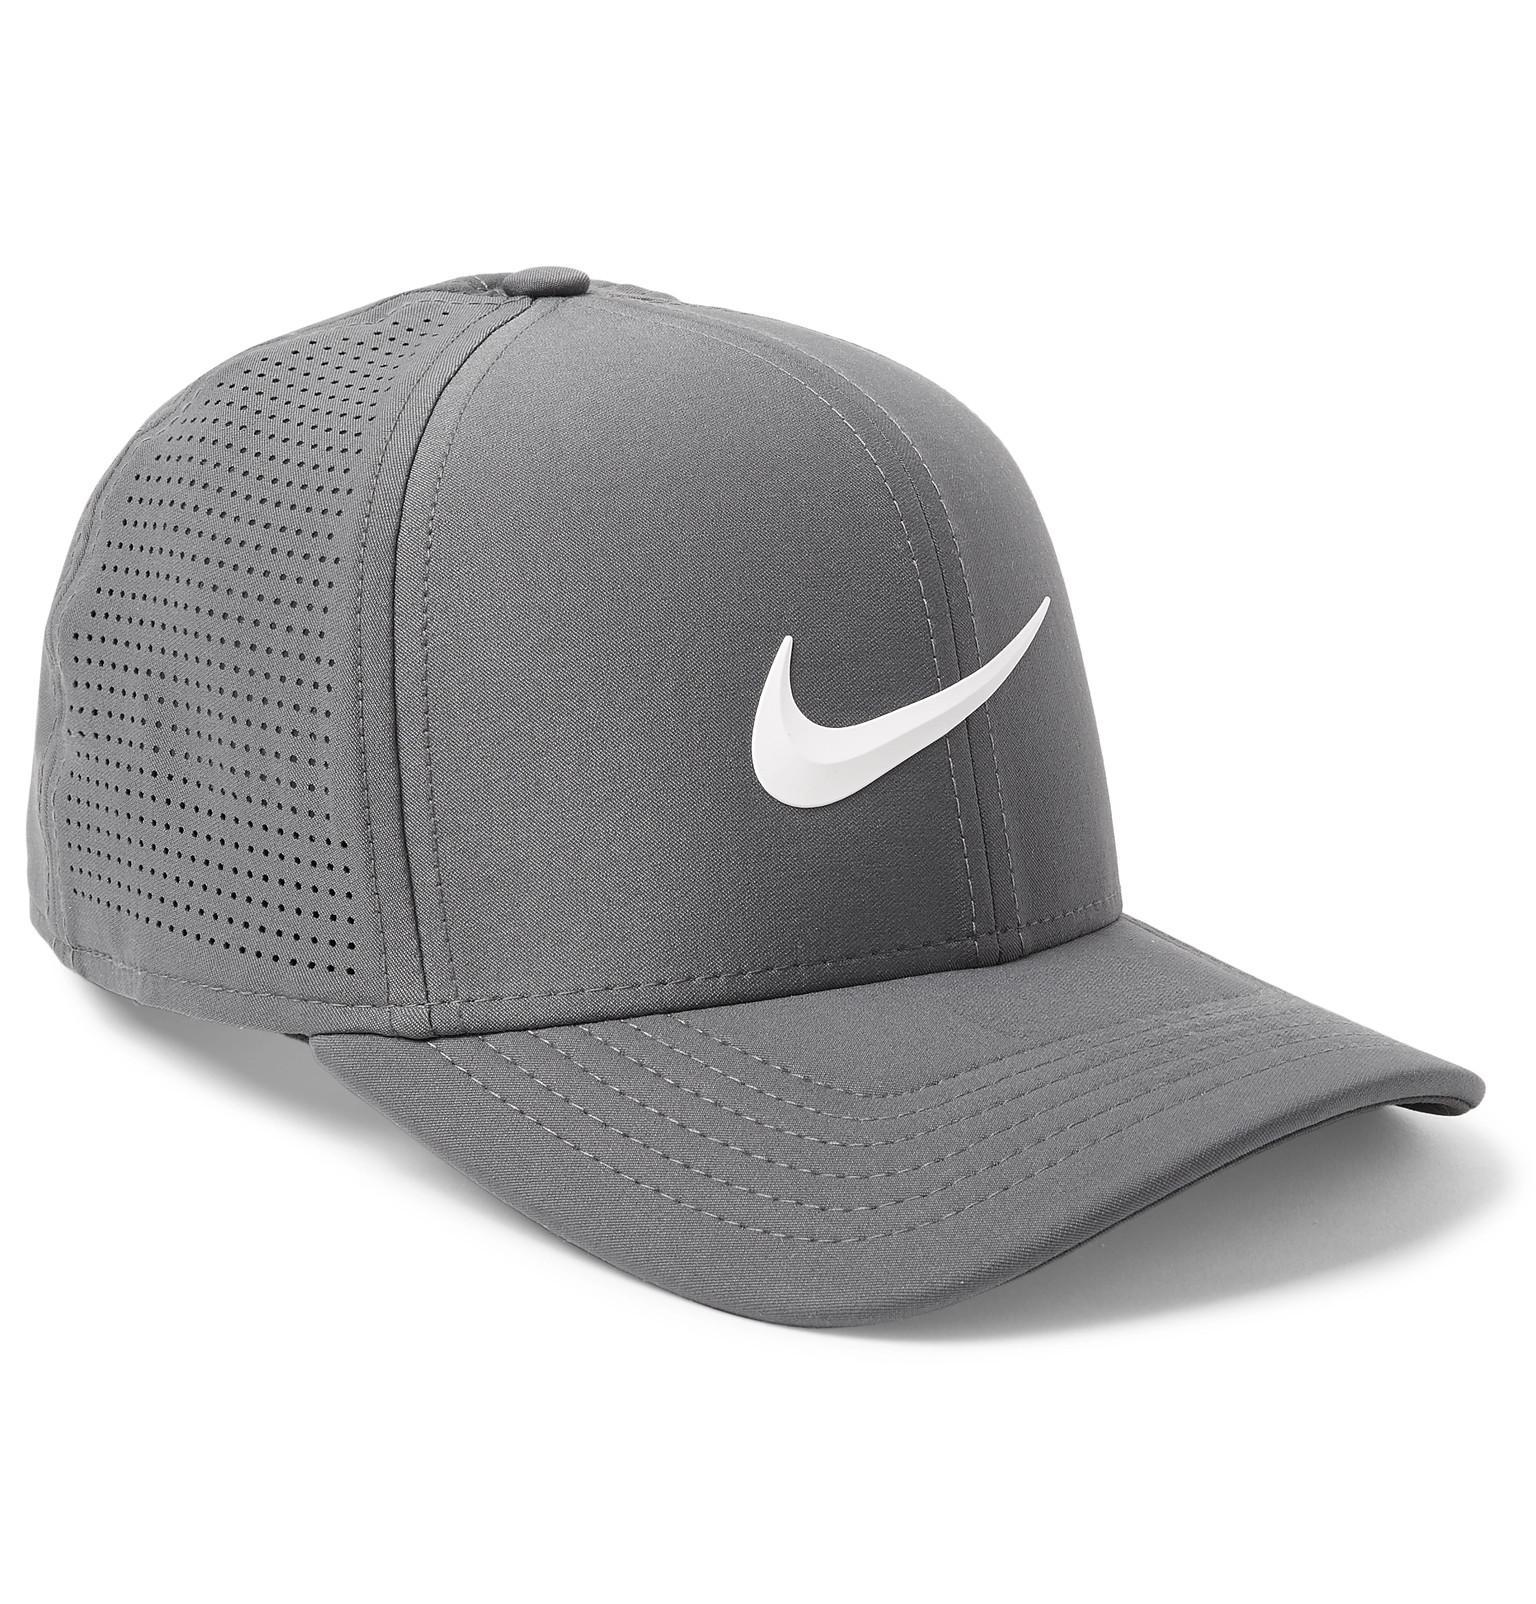 9291f20f6739 Lyst - Nike Aerobill Classic 99 Dri-fit Golf Cap in Gray for Men